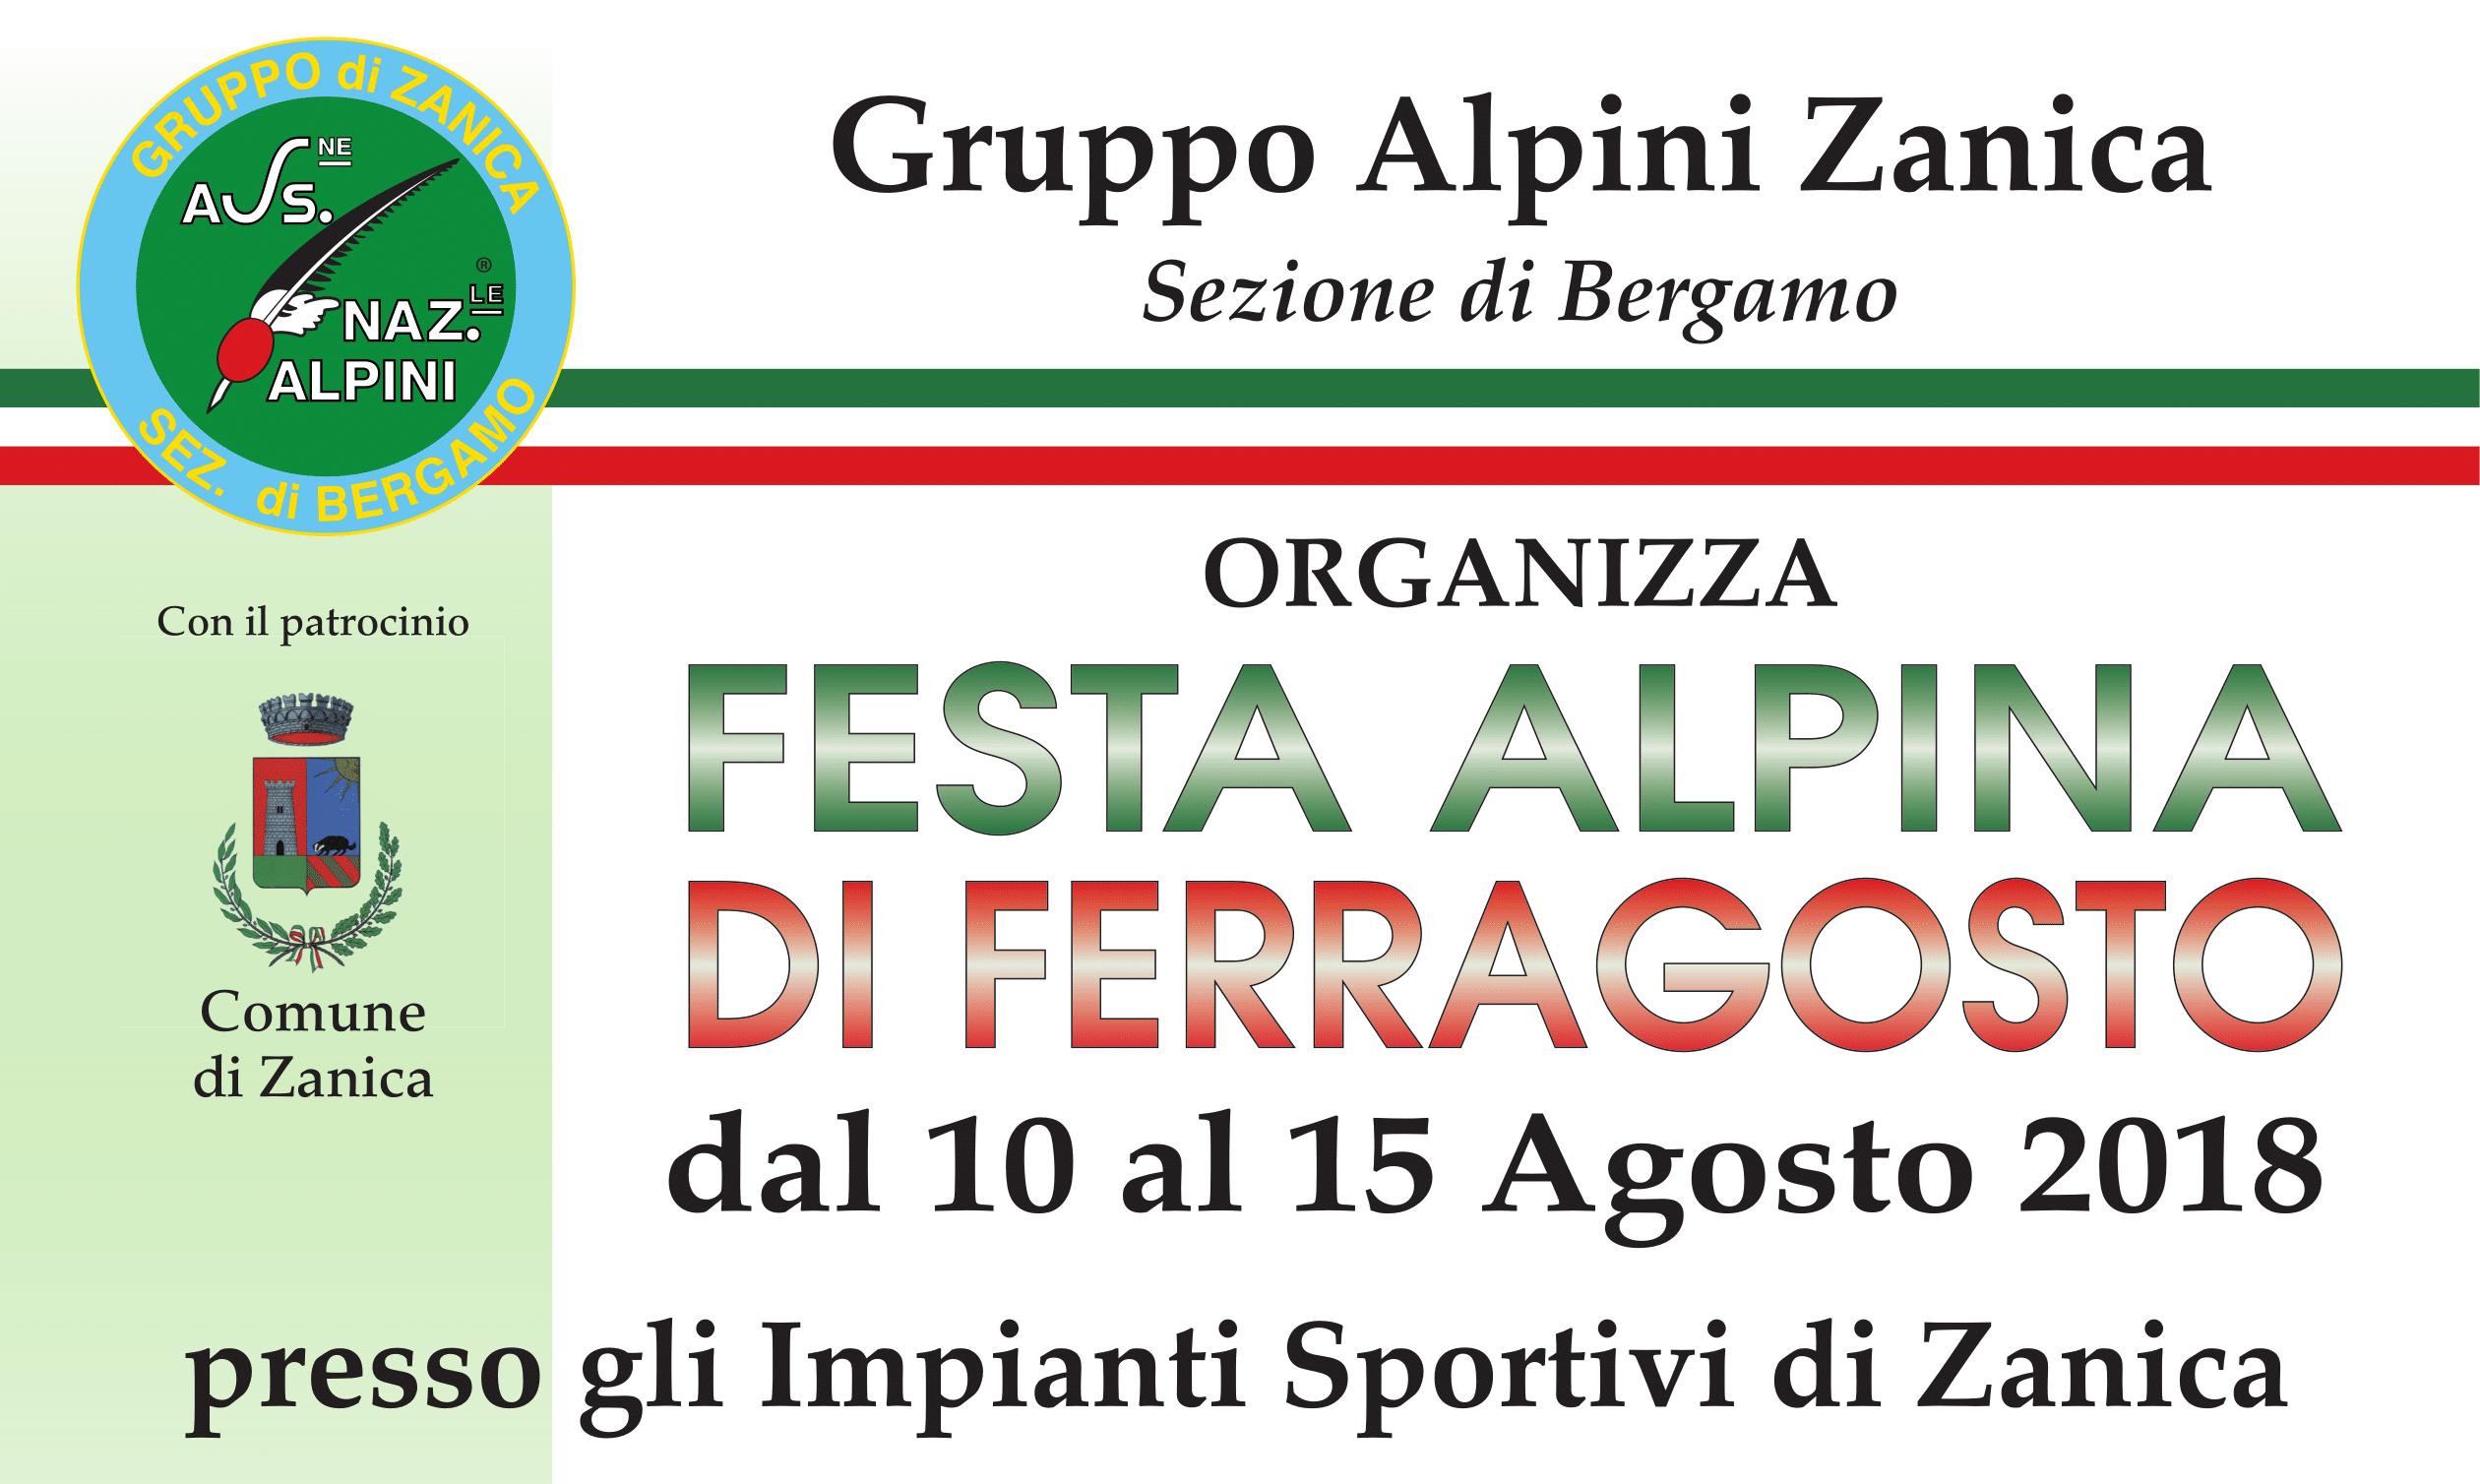 Festa Alpina di Ferragosto